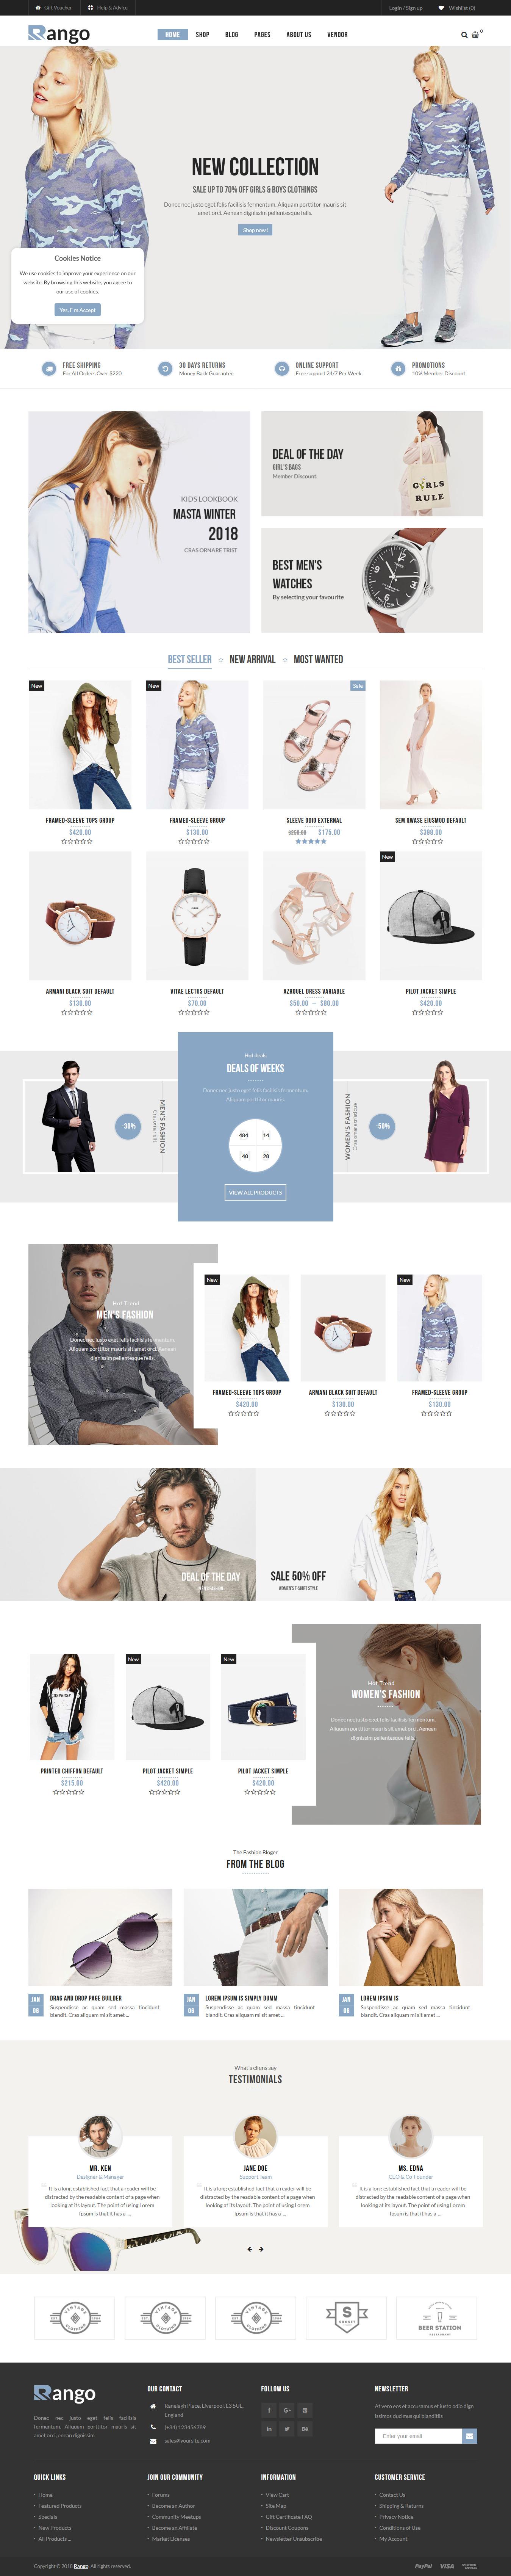 Rango - Los mejores temas de WordPress de moda premium